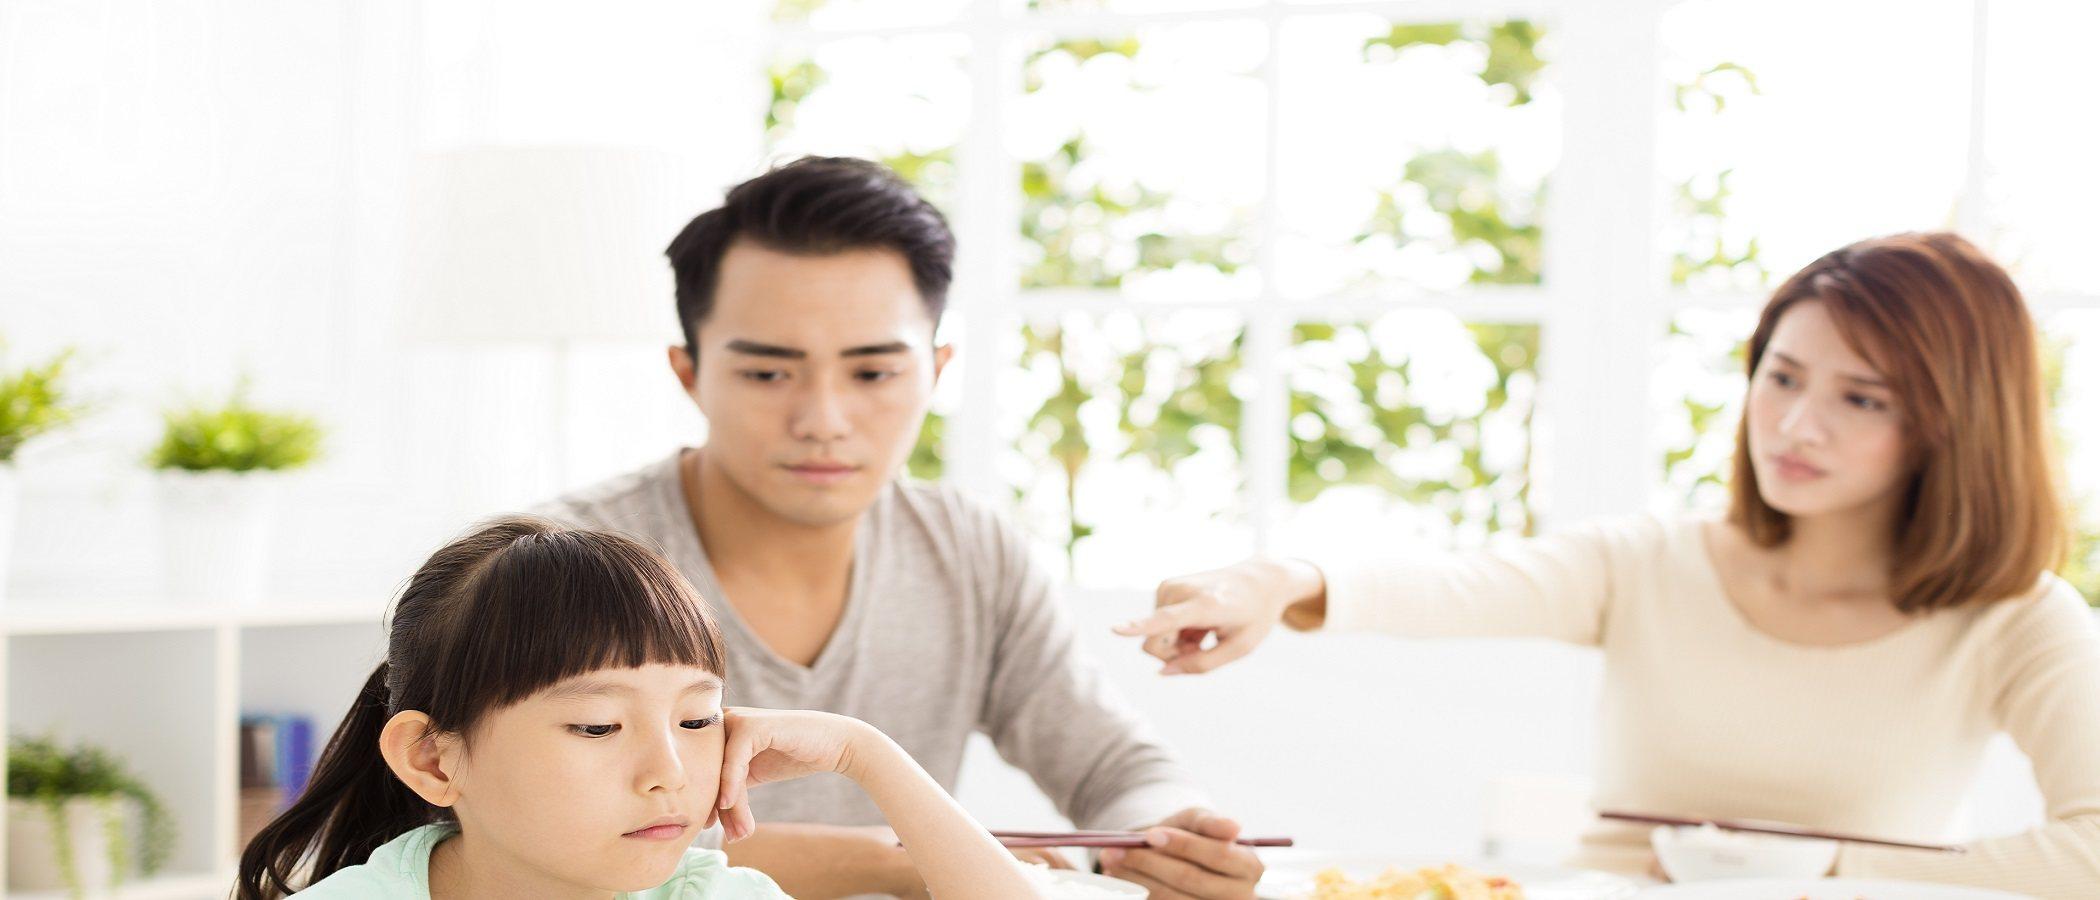 Qué hacer si pillas a tu hijo robando